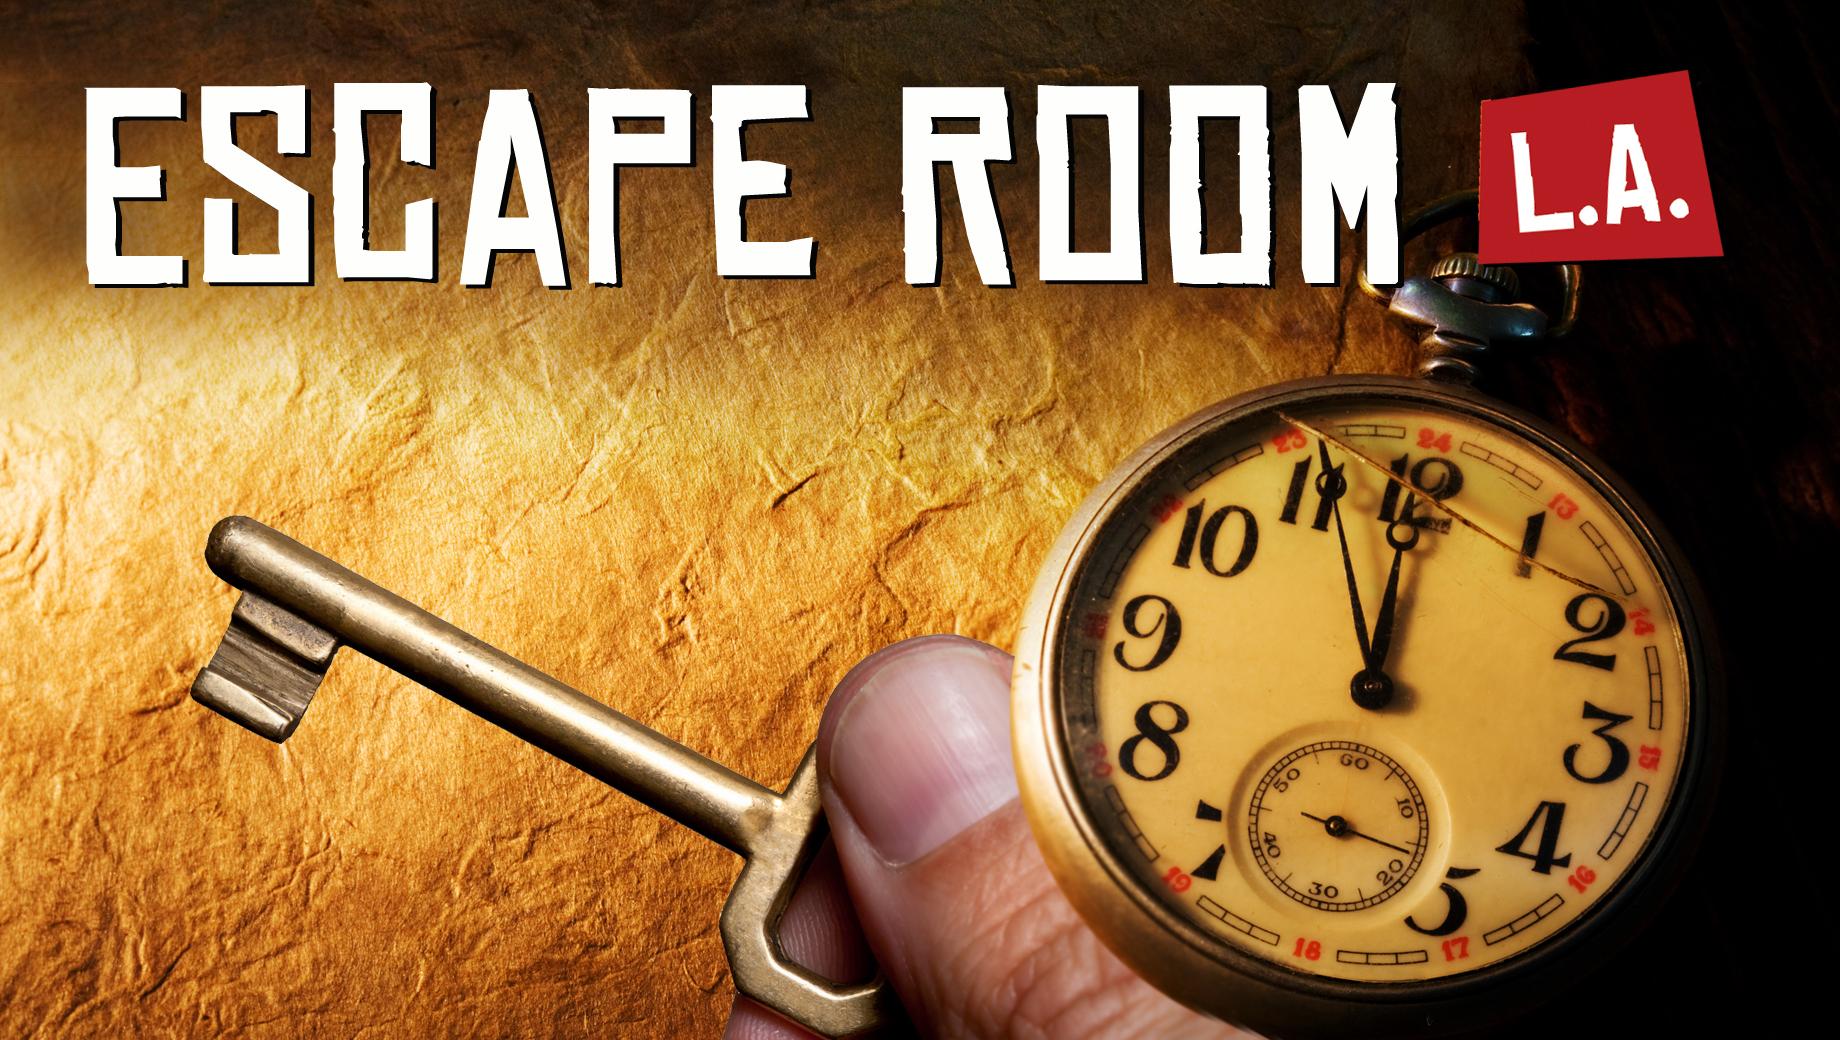 Escape Room LA, Los Angeles: Tickets, Schedule, Seating Charts ...